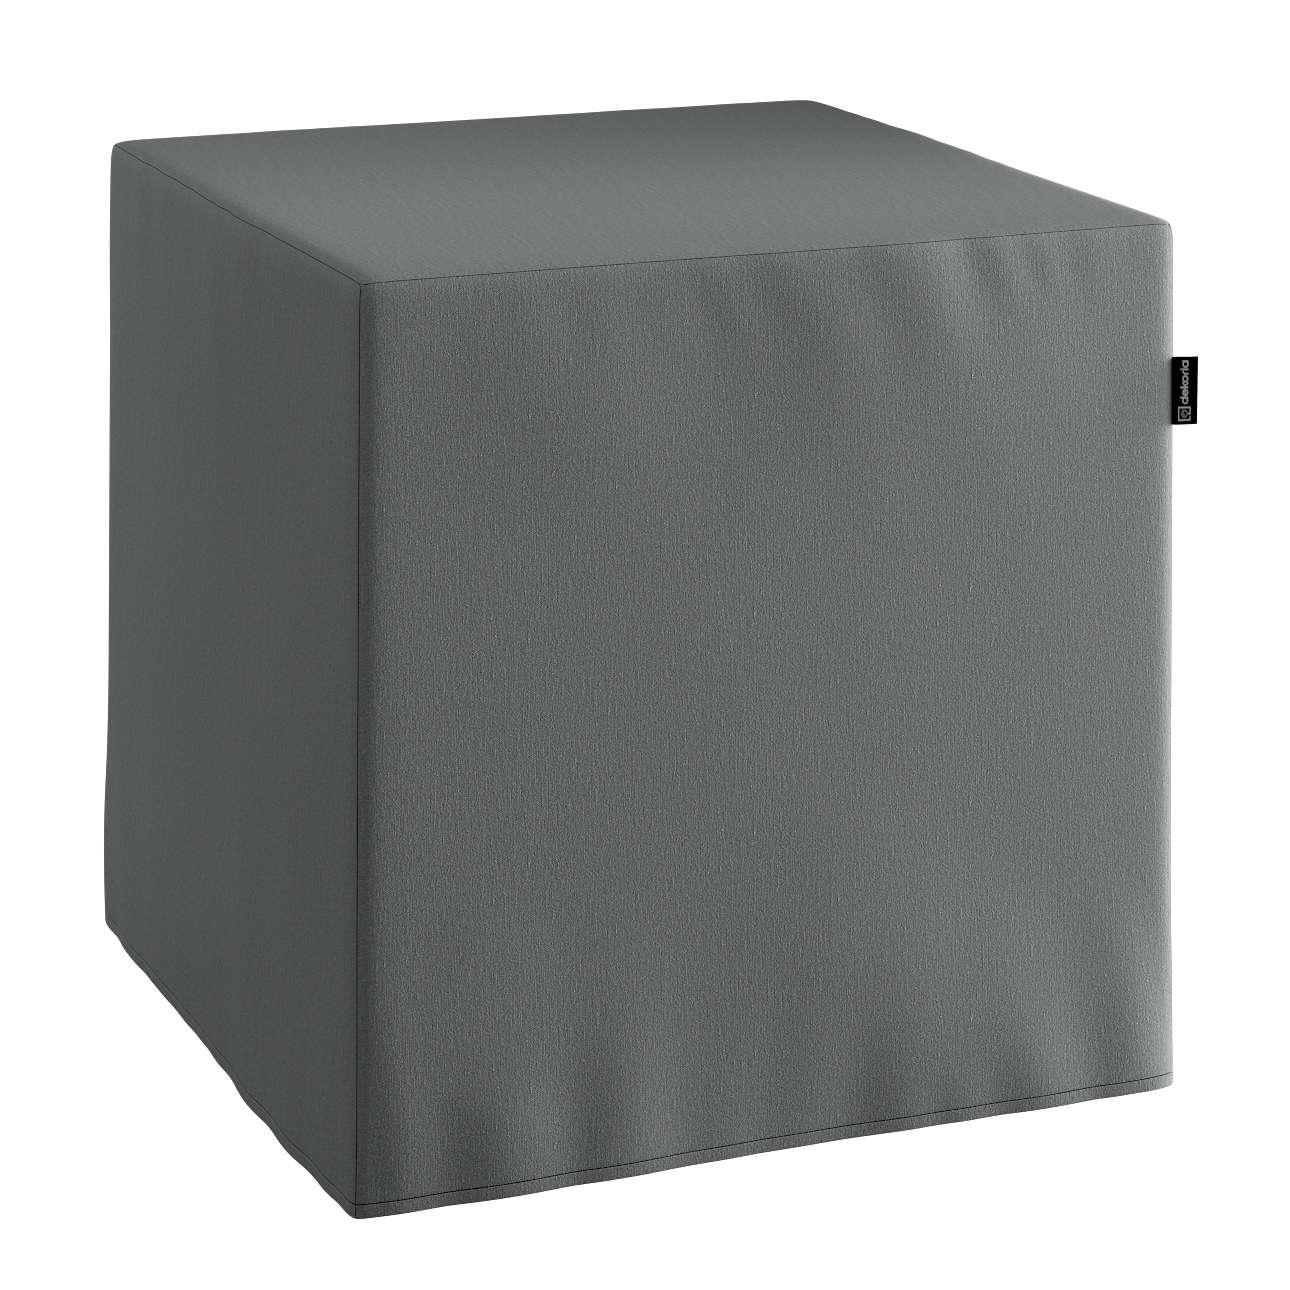 Harter Sitzwürfel 40 x 40 x 40 cm von der Kollektion Quadro, Stoff: 136-14